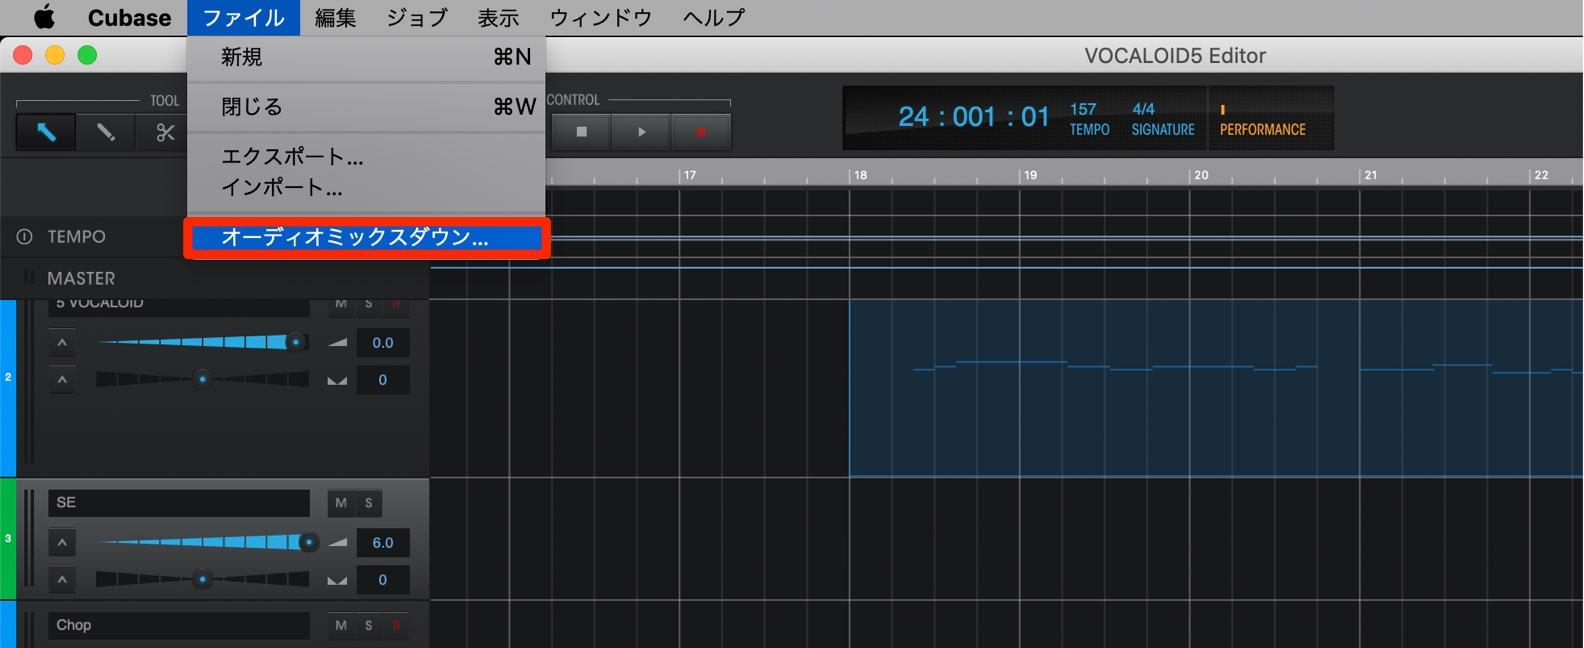 VOCALOID 5 オーディオミックスダウン